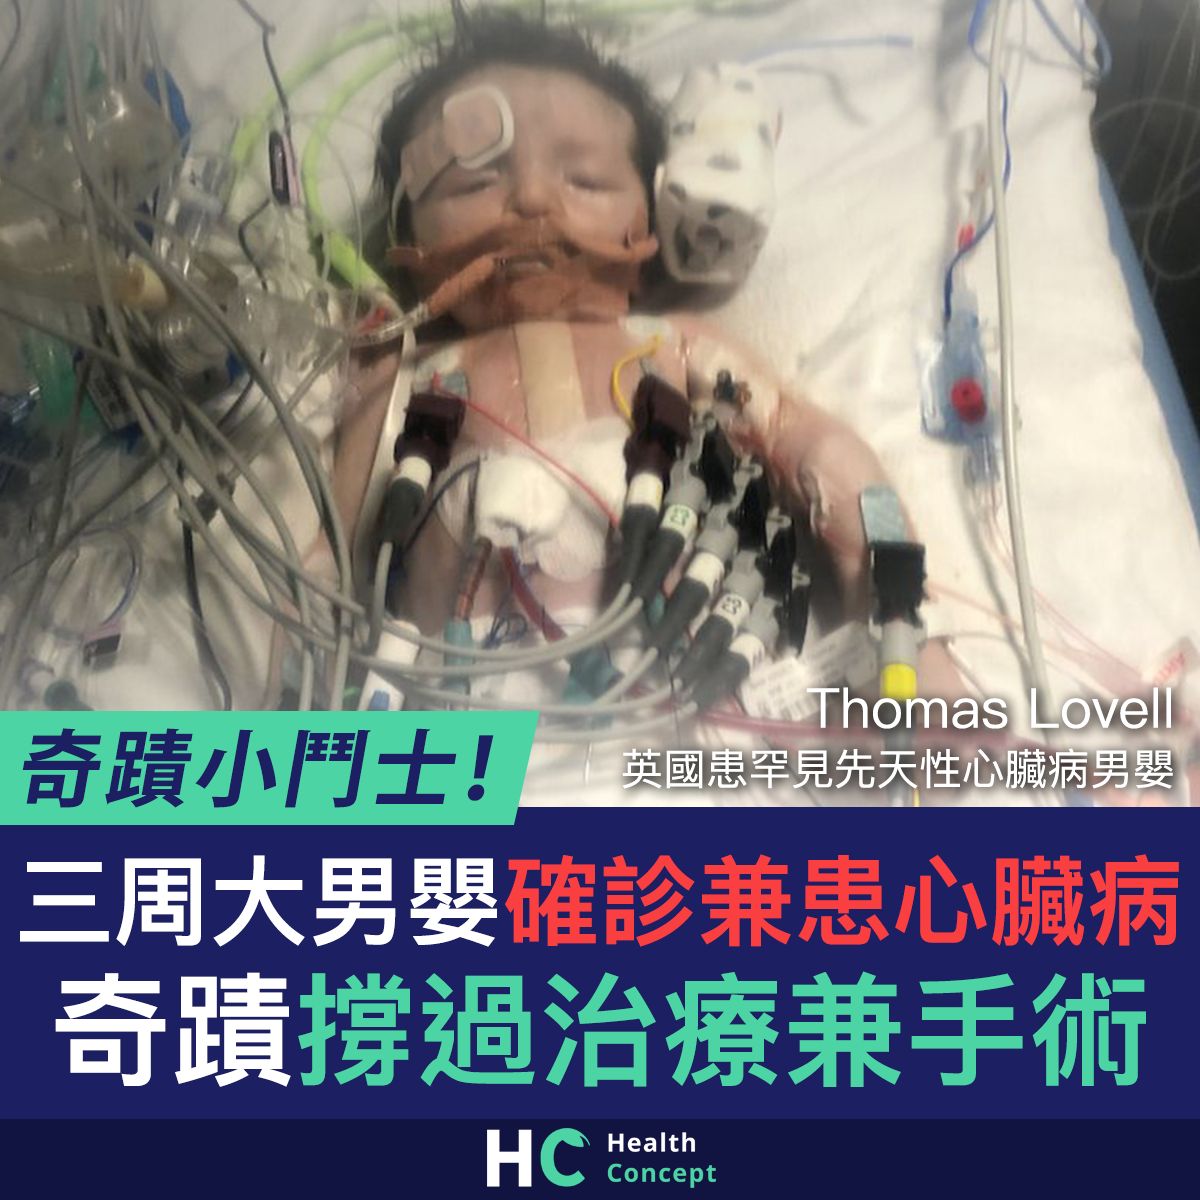 【#新型肺炎】三周大男嬰確診兼患心臟病 奇蹟撐過治療兼手術